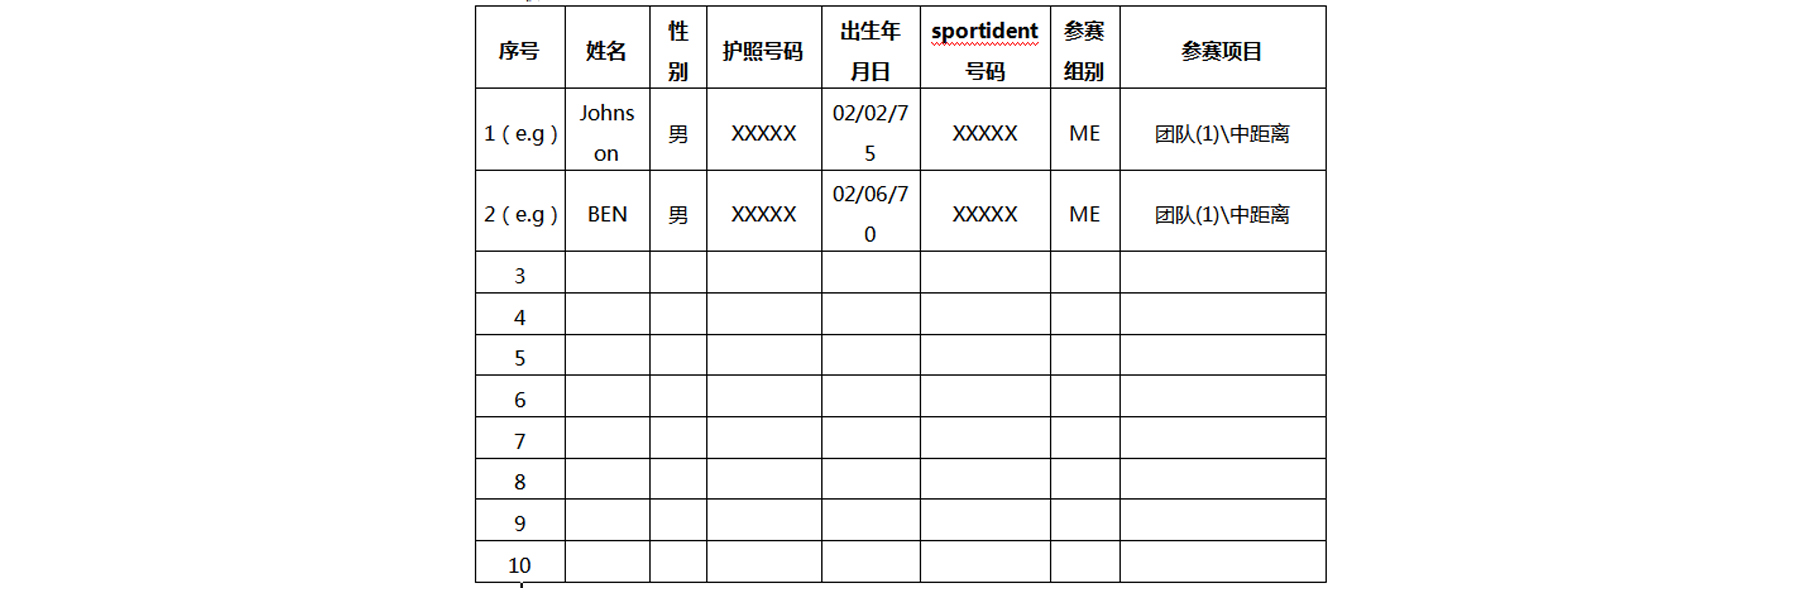 2017南粤古亚搏体育彩票官方网站定向大赛